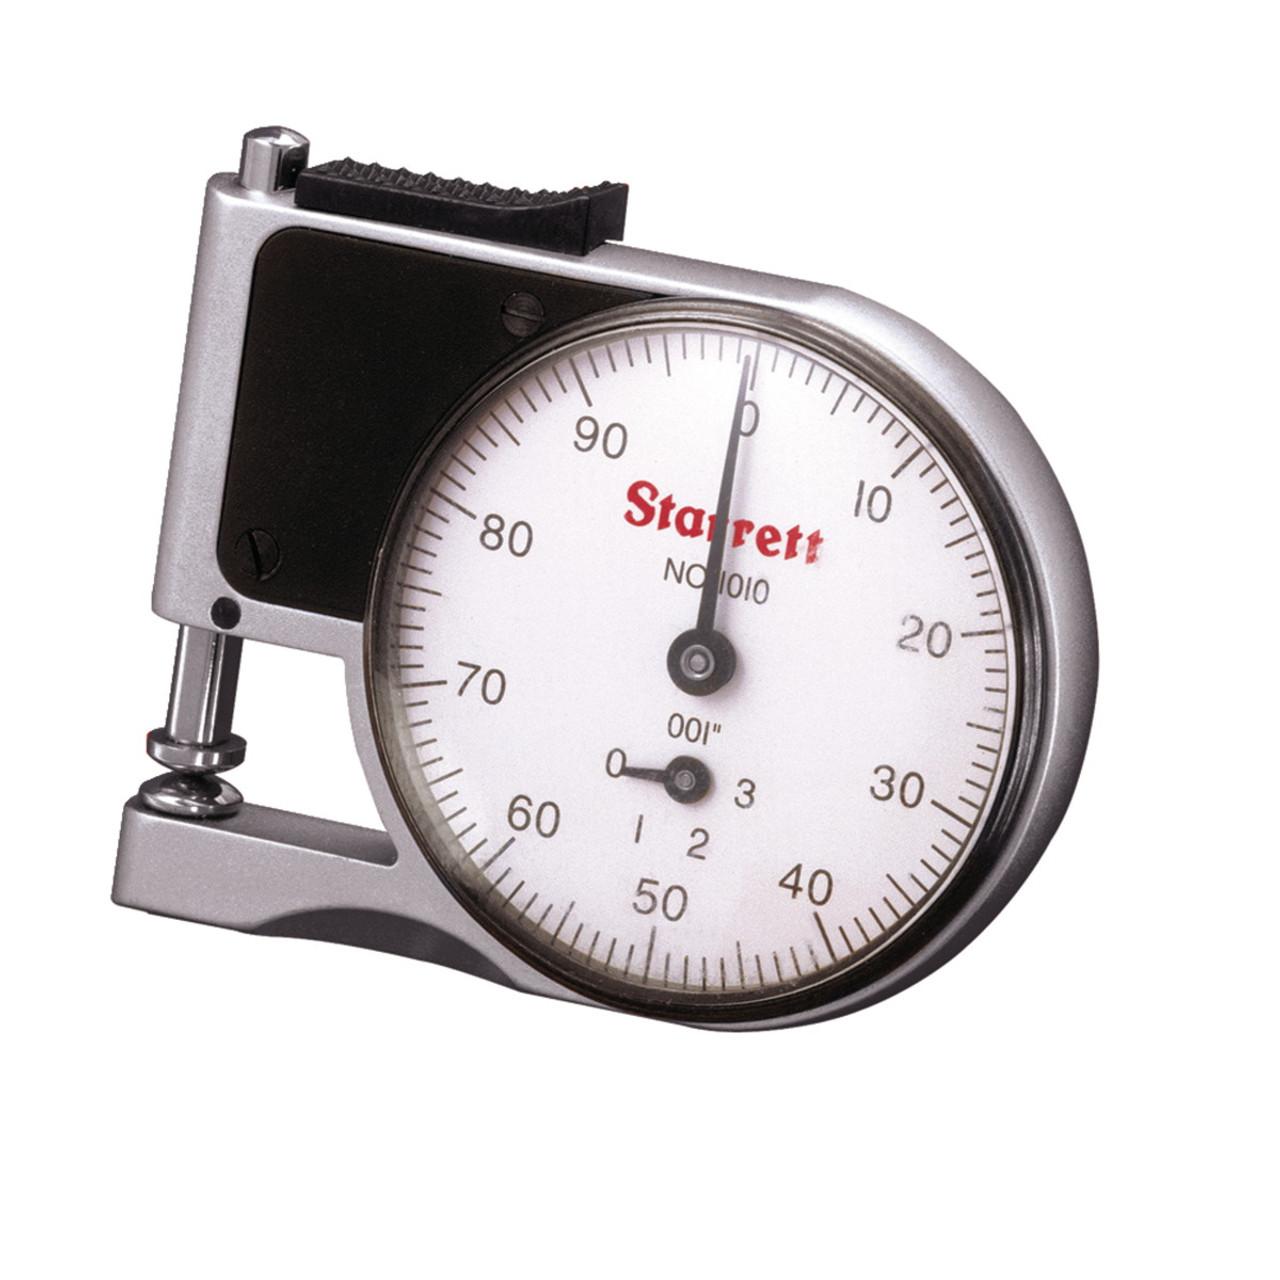 1010z edp 53114 dial indicator pocket gage 0 375 mercado regal [ 1200 x 1200 Pixel ]